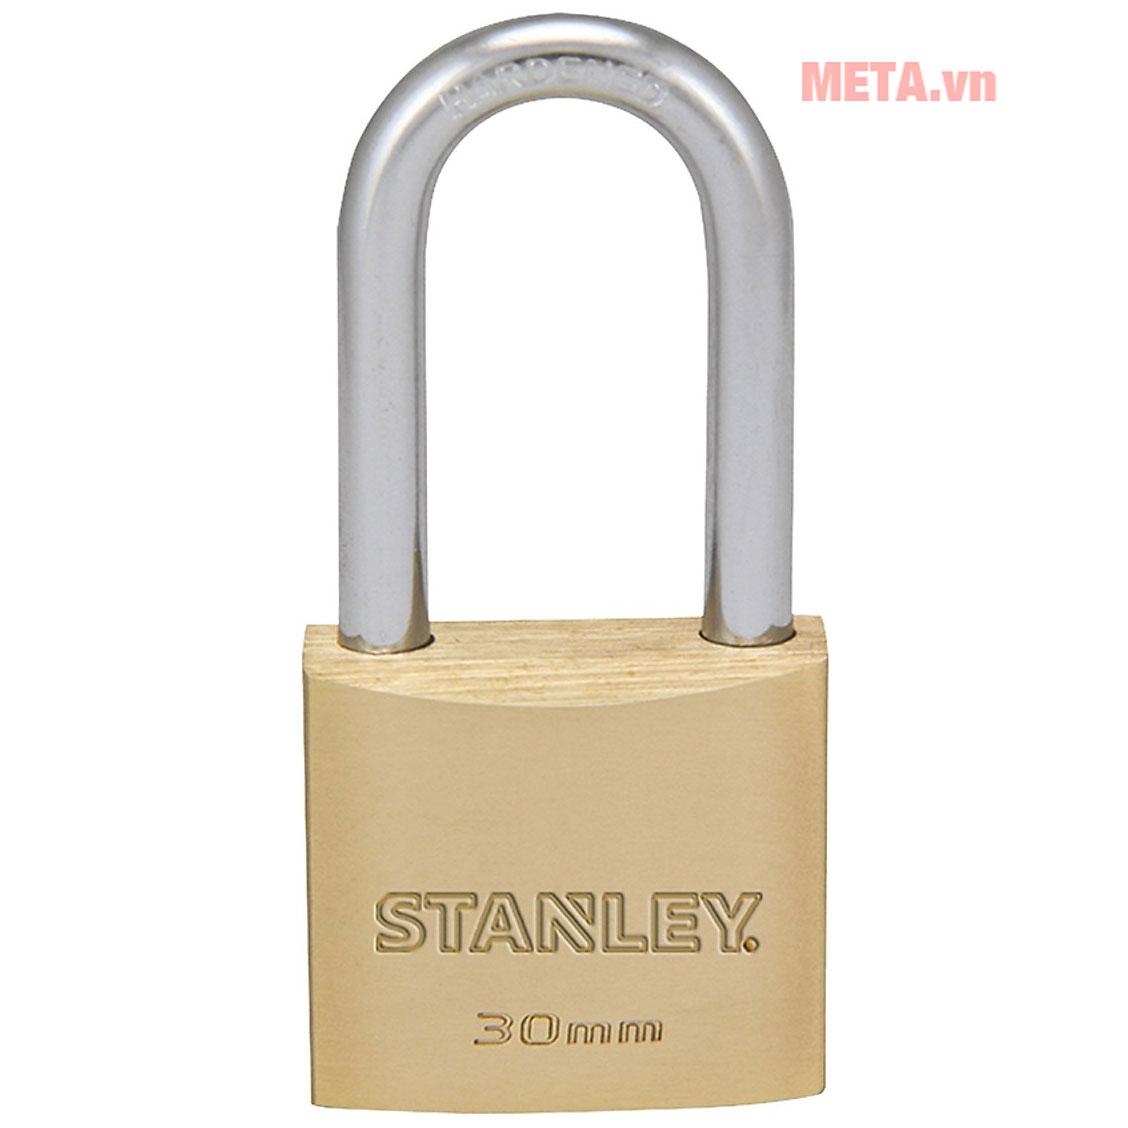 Hình ảnh khóa càng dài, rộng 30mm Stanley S742-042